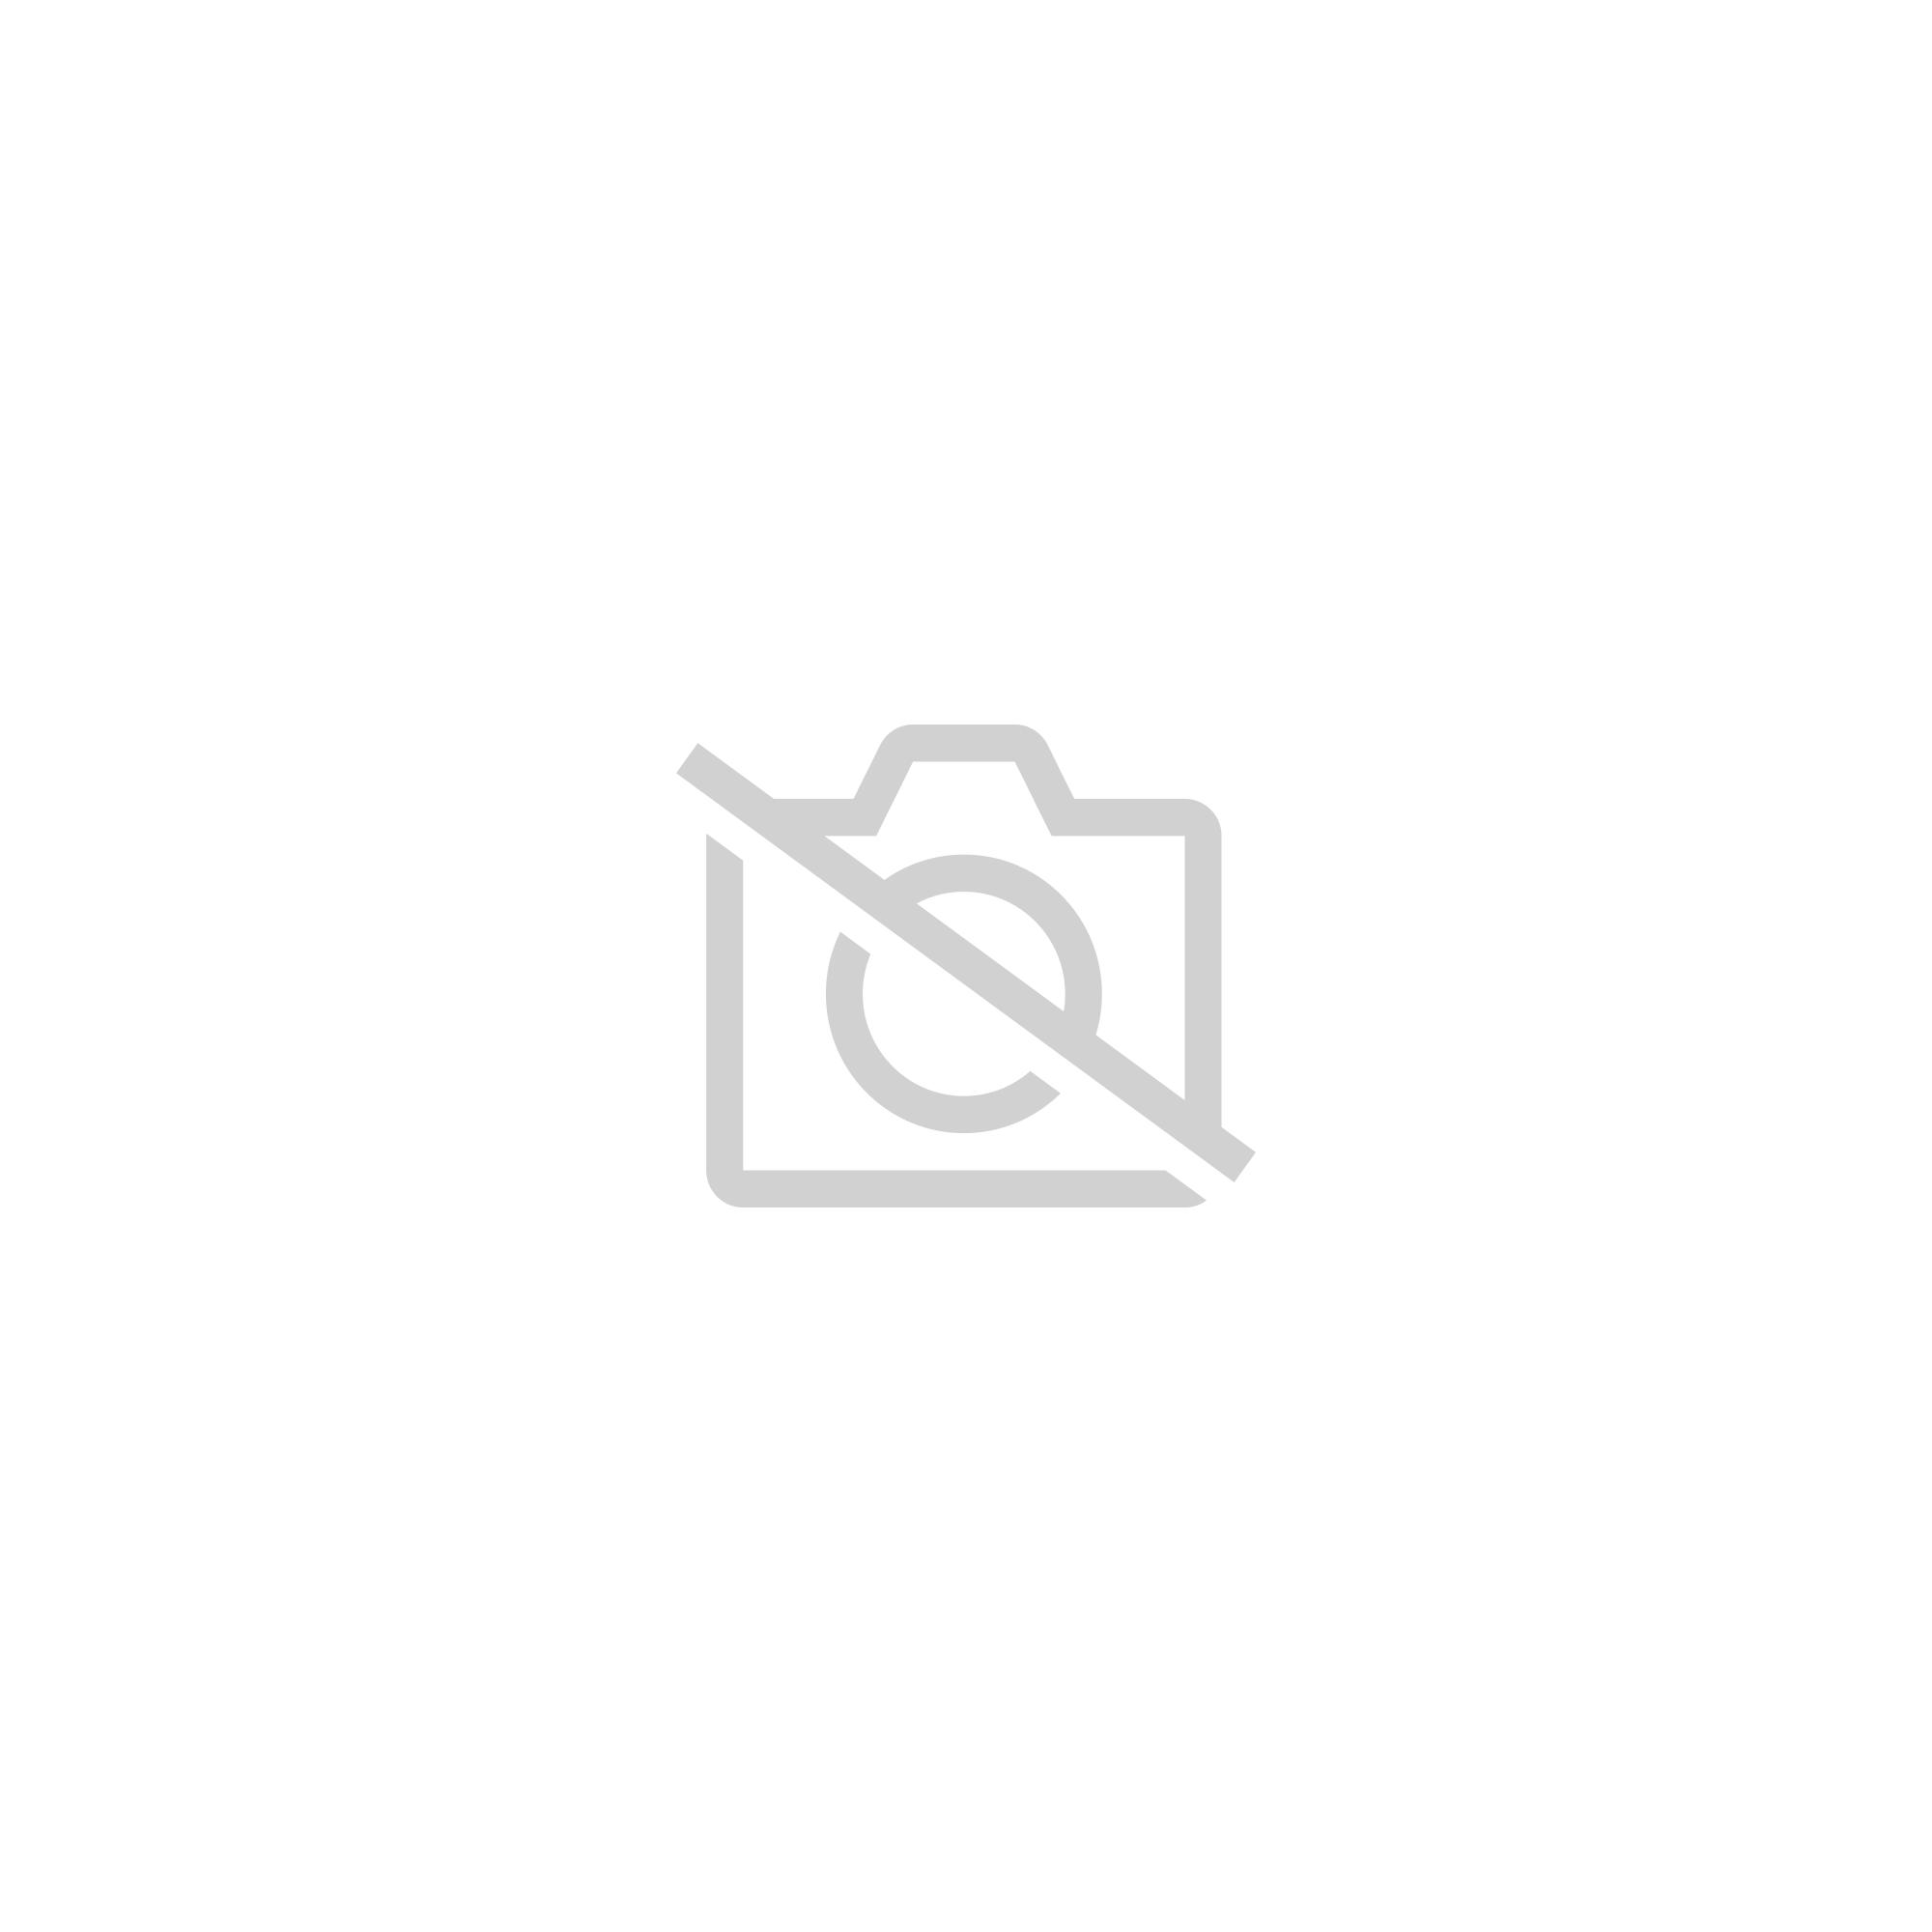 2.4g Drone Rc Quadcopter Rollover 360°+1 Batterie+Contrôleur+Chargeur Usb Jouet Enfant Cadeau Bleu-Générique